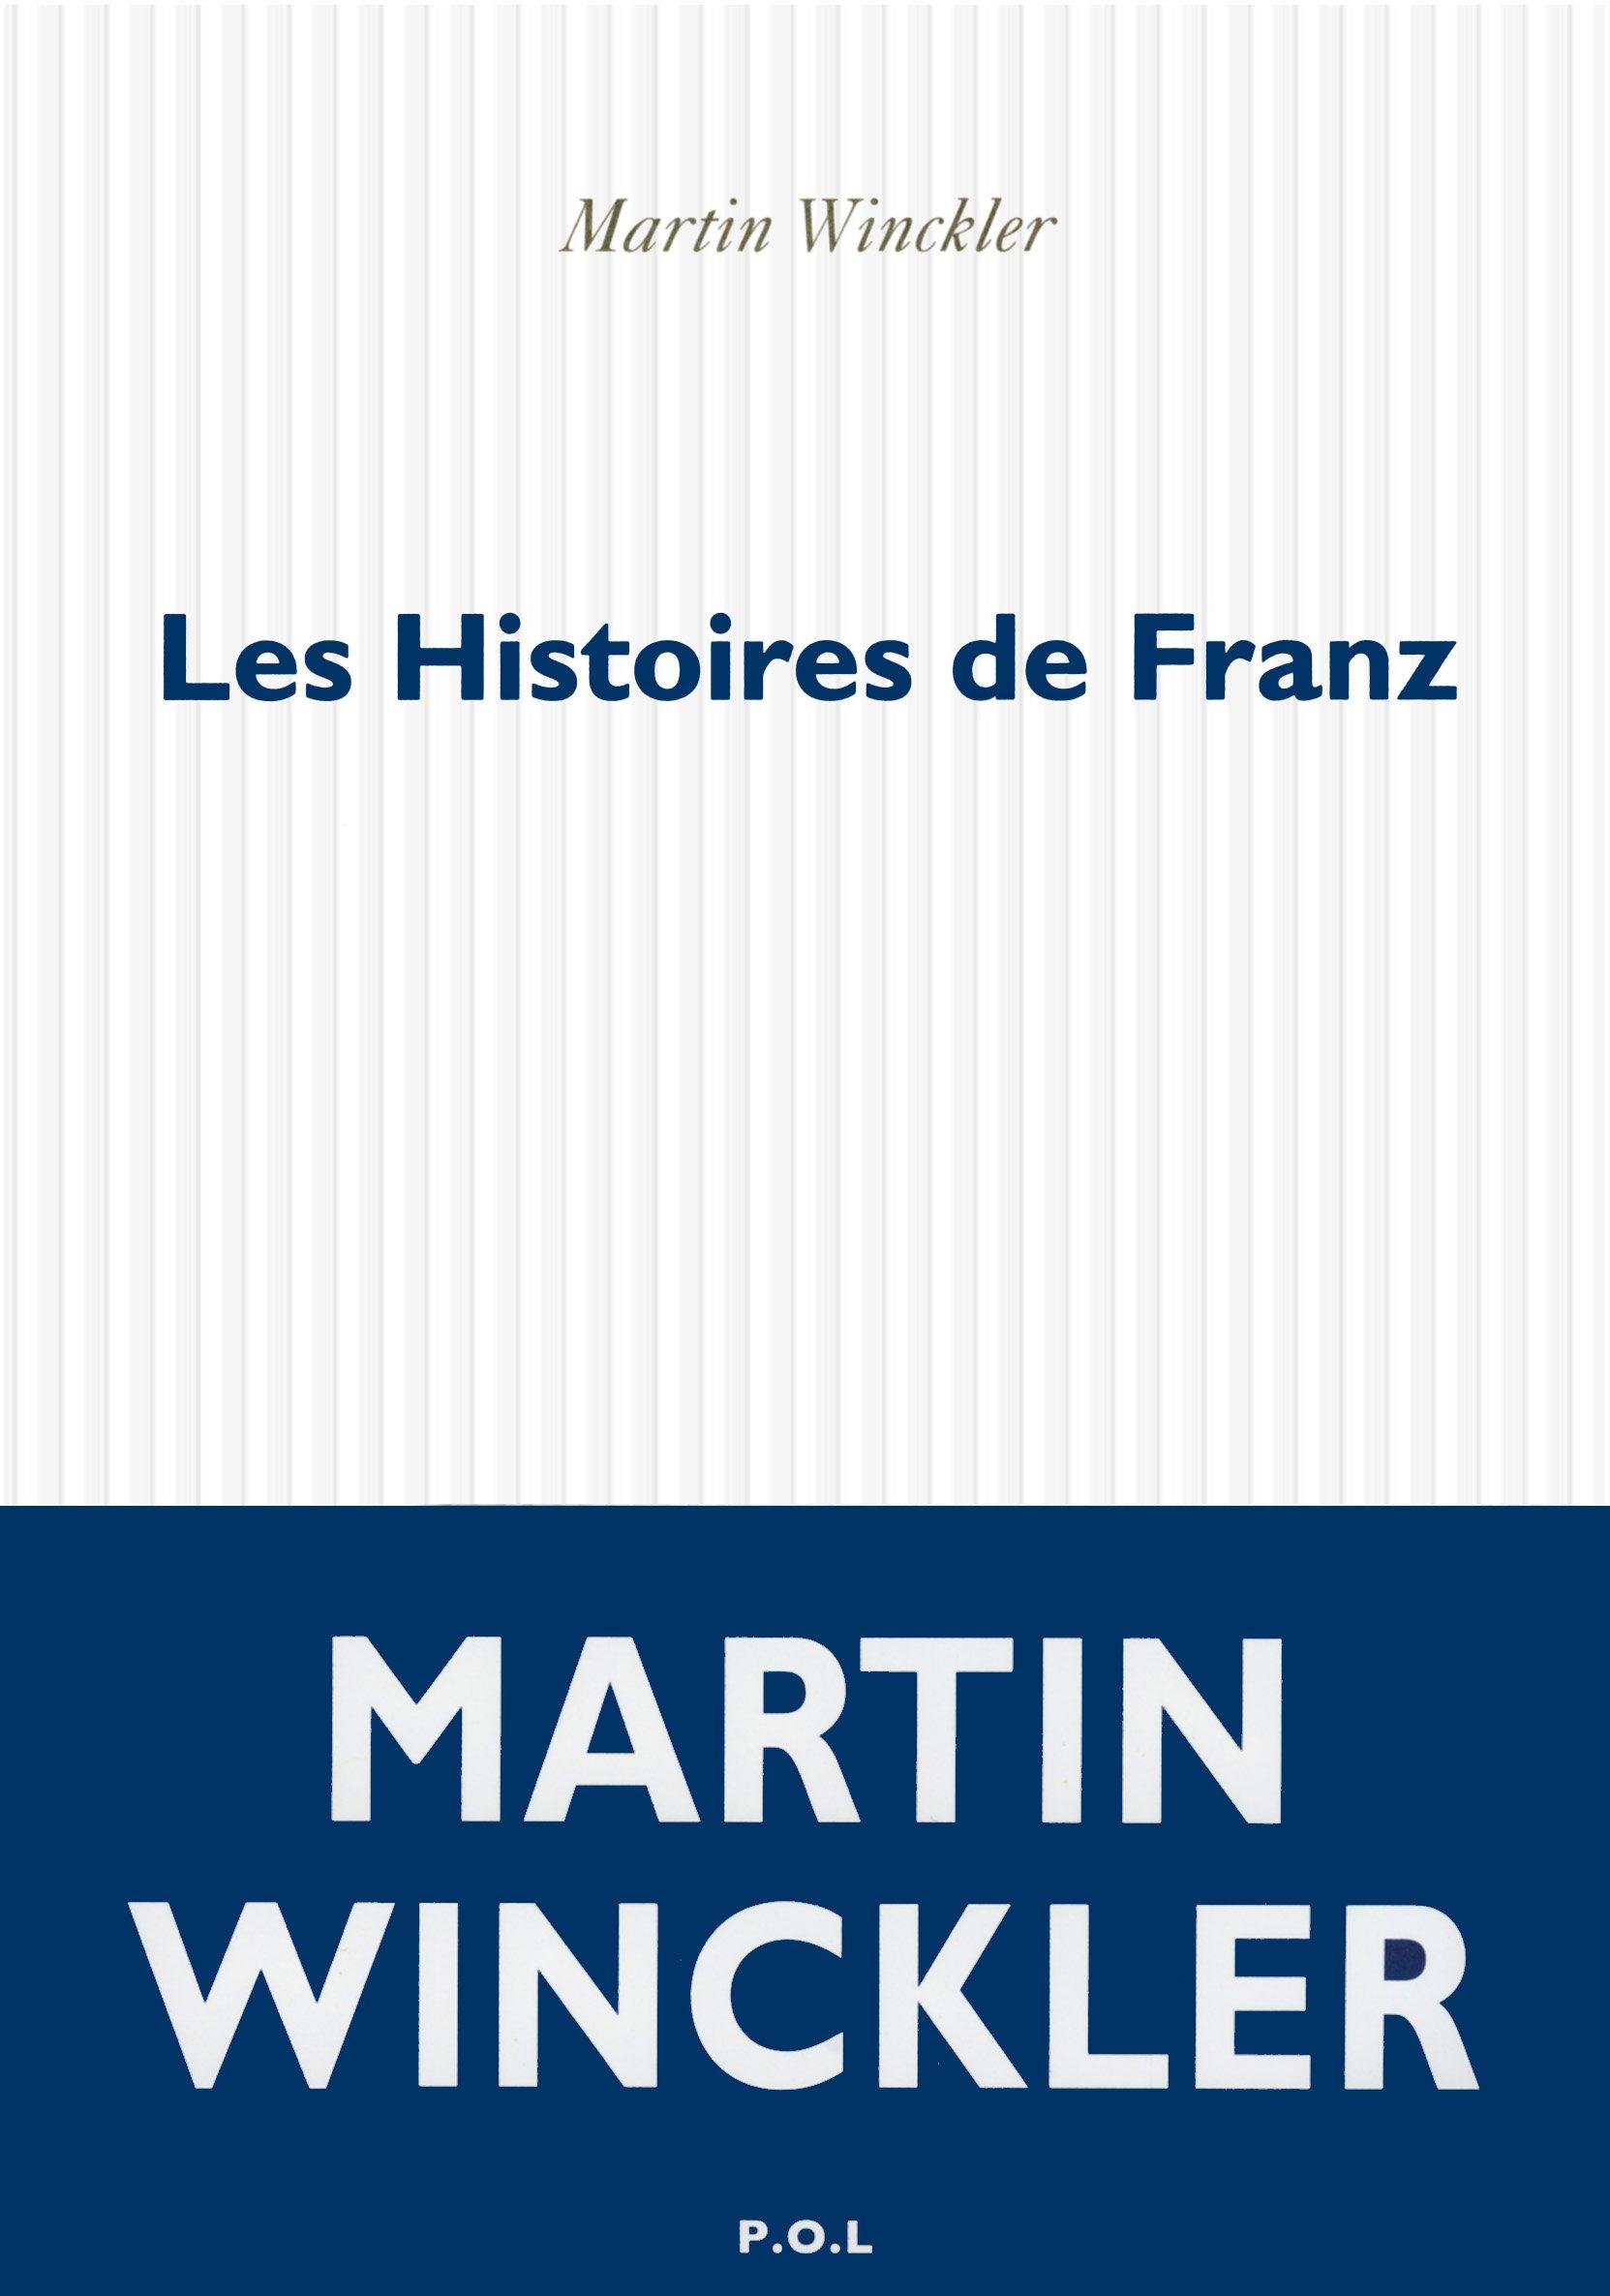 Les Histoires de Franz - Martin Winckler (Rentrée Littérature 2017)